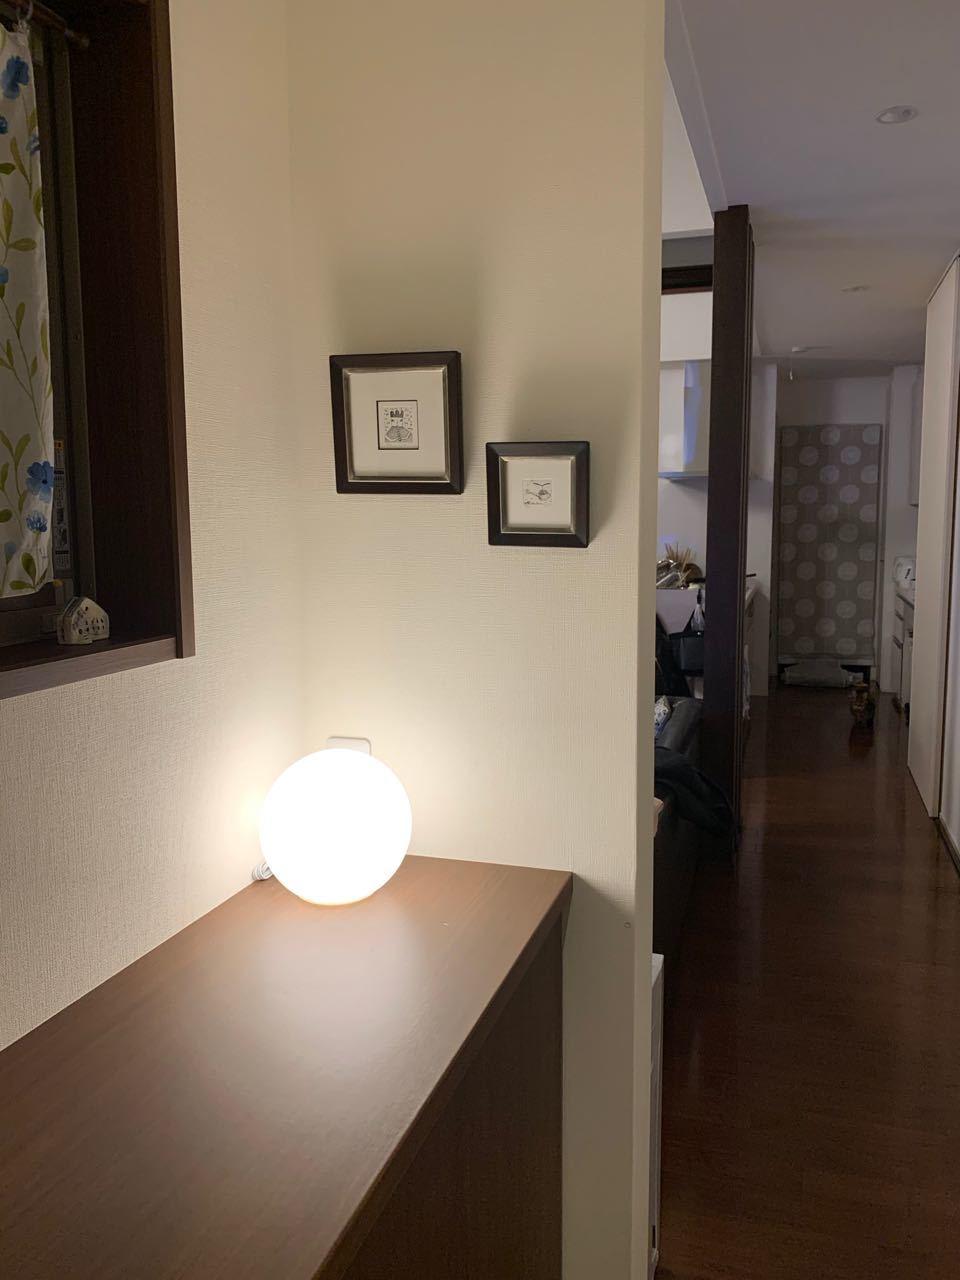 「松本幸治」の写真のある部屋_a0077203_18181168.jpg